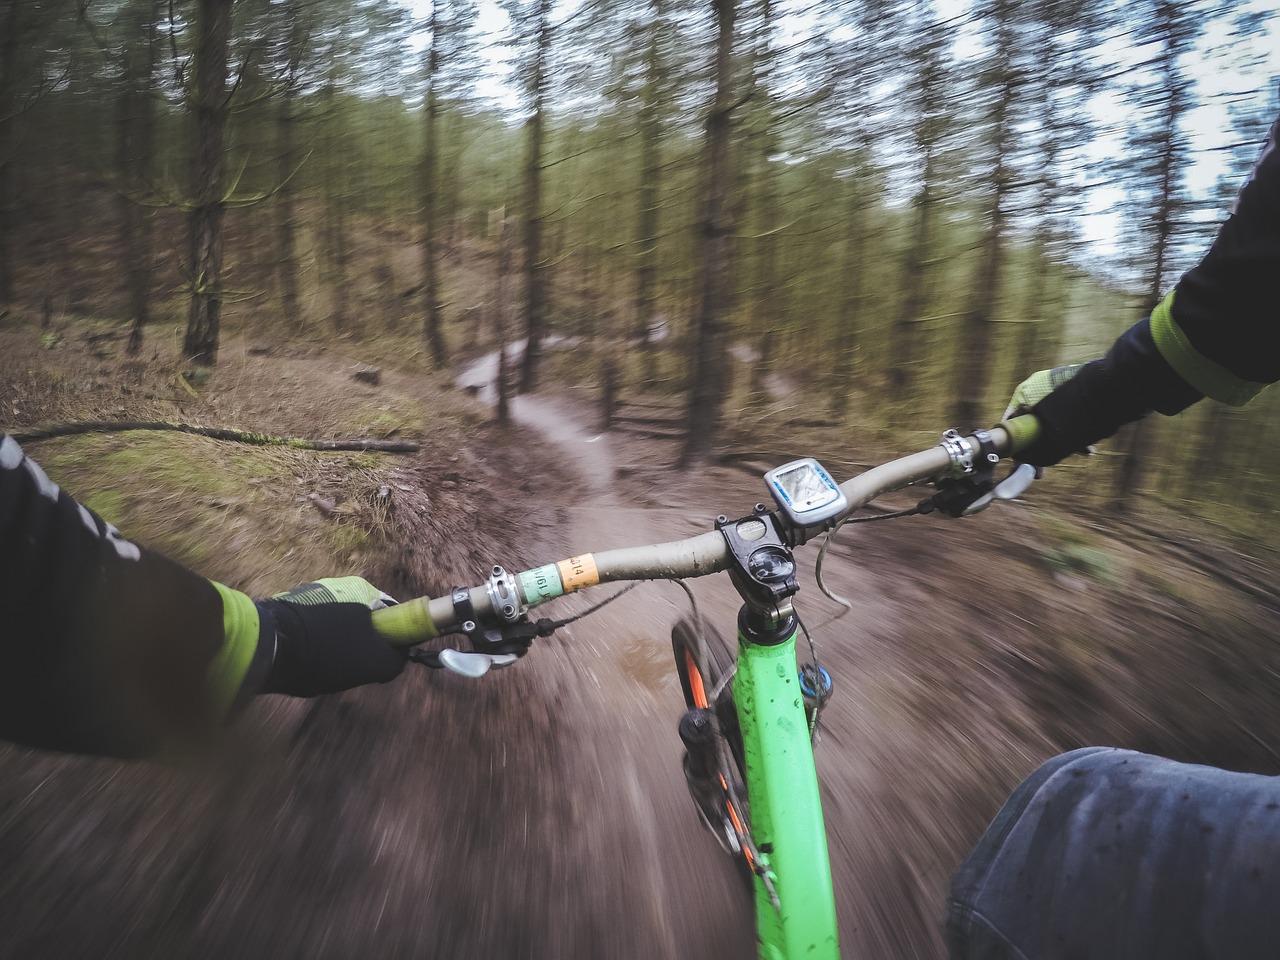 Mountain biking,cycling,mountain bike,bike,sport - free image from  needpix.com